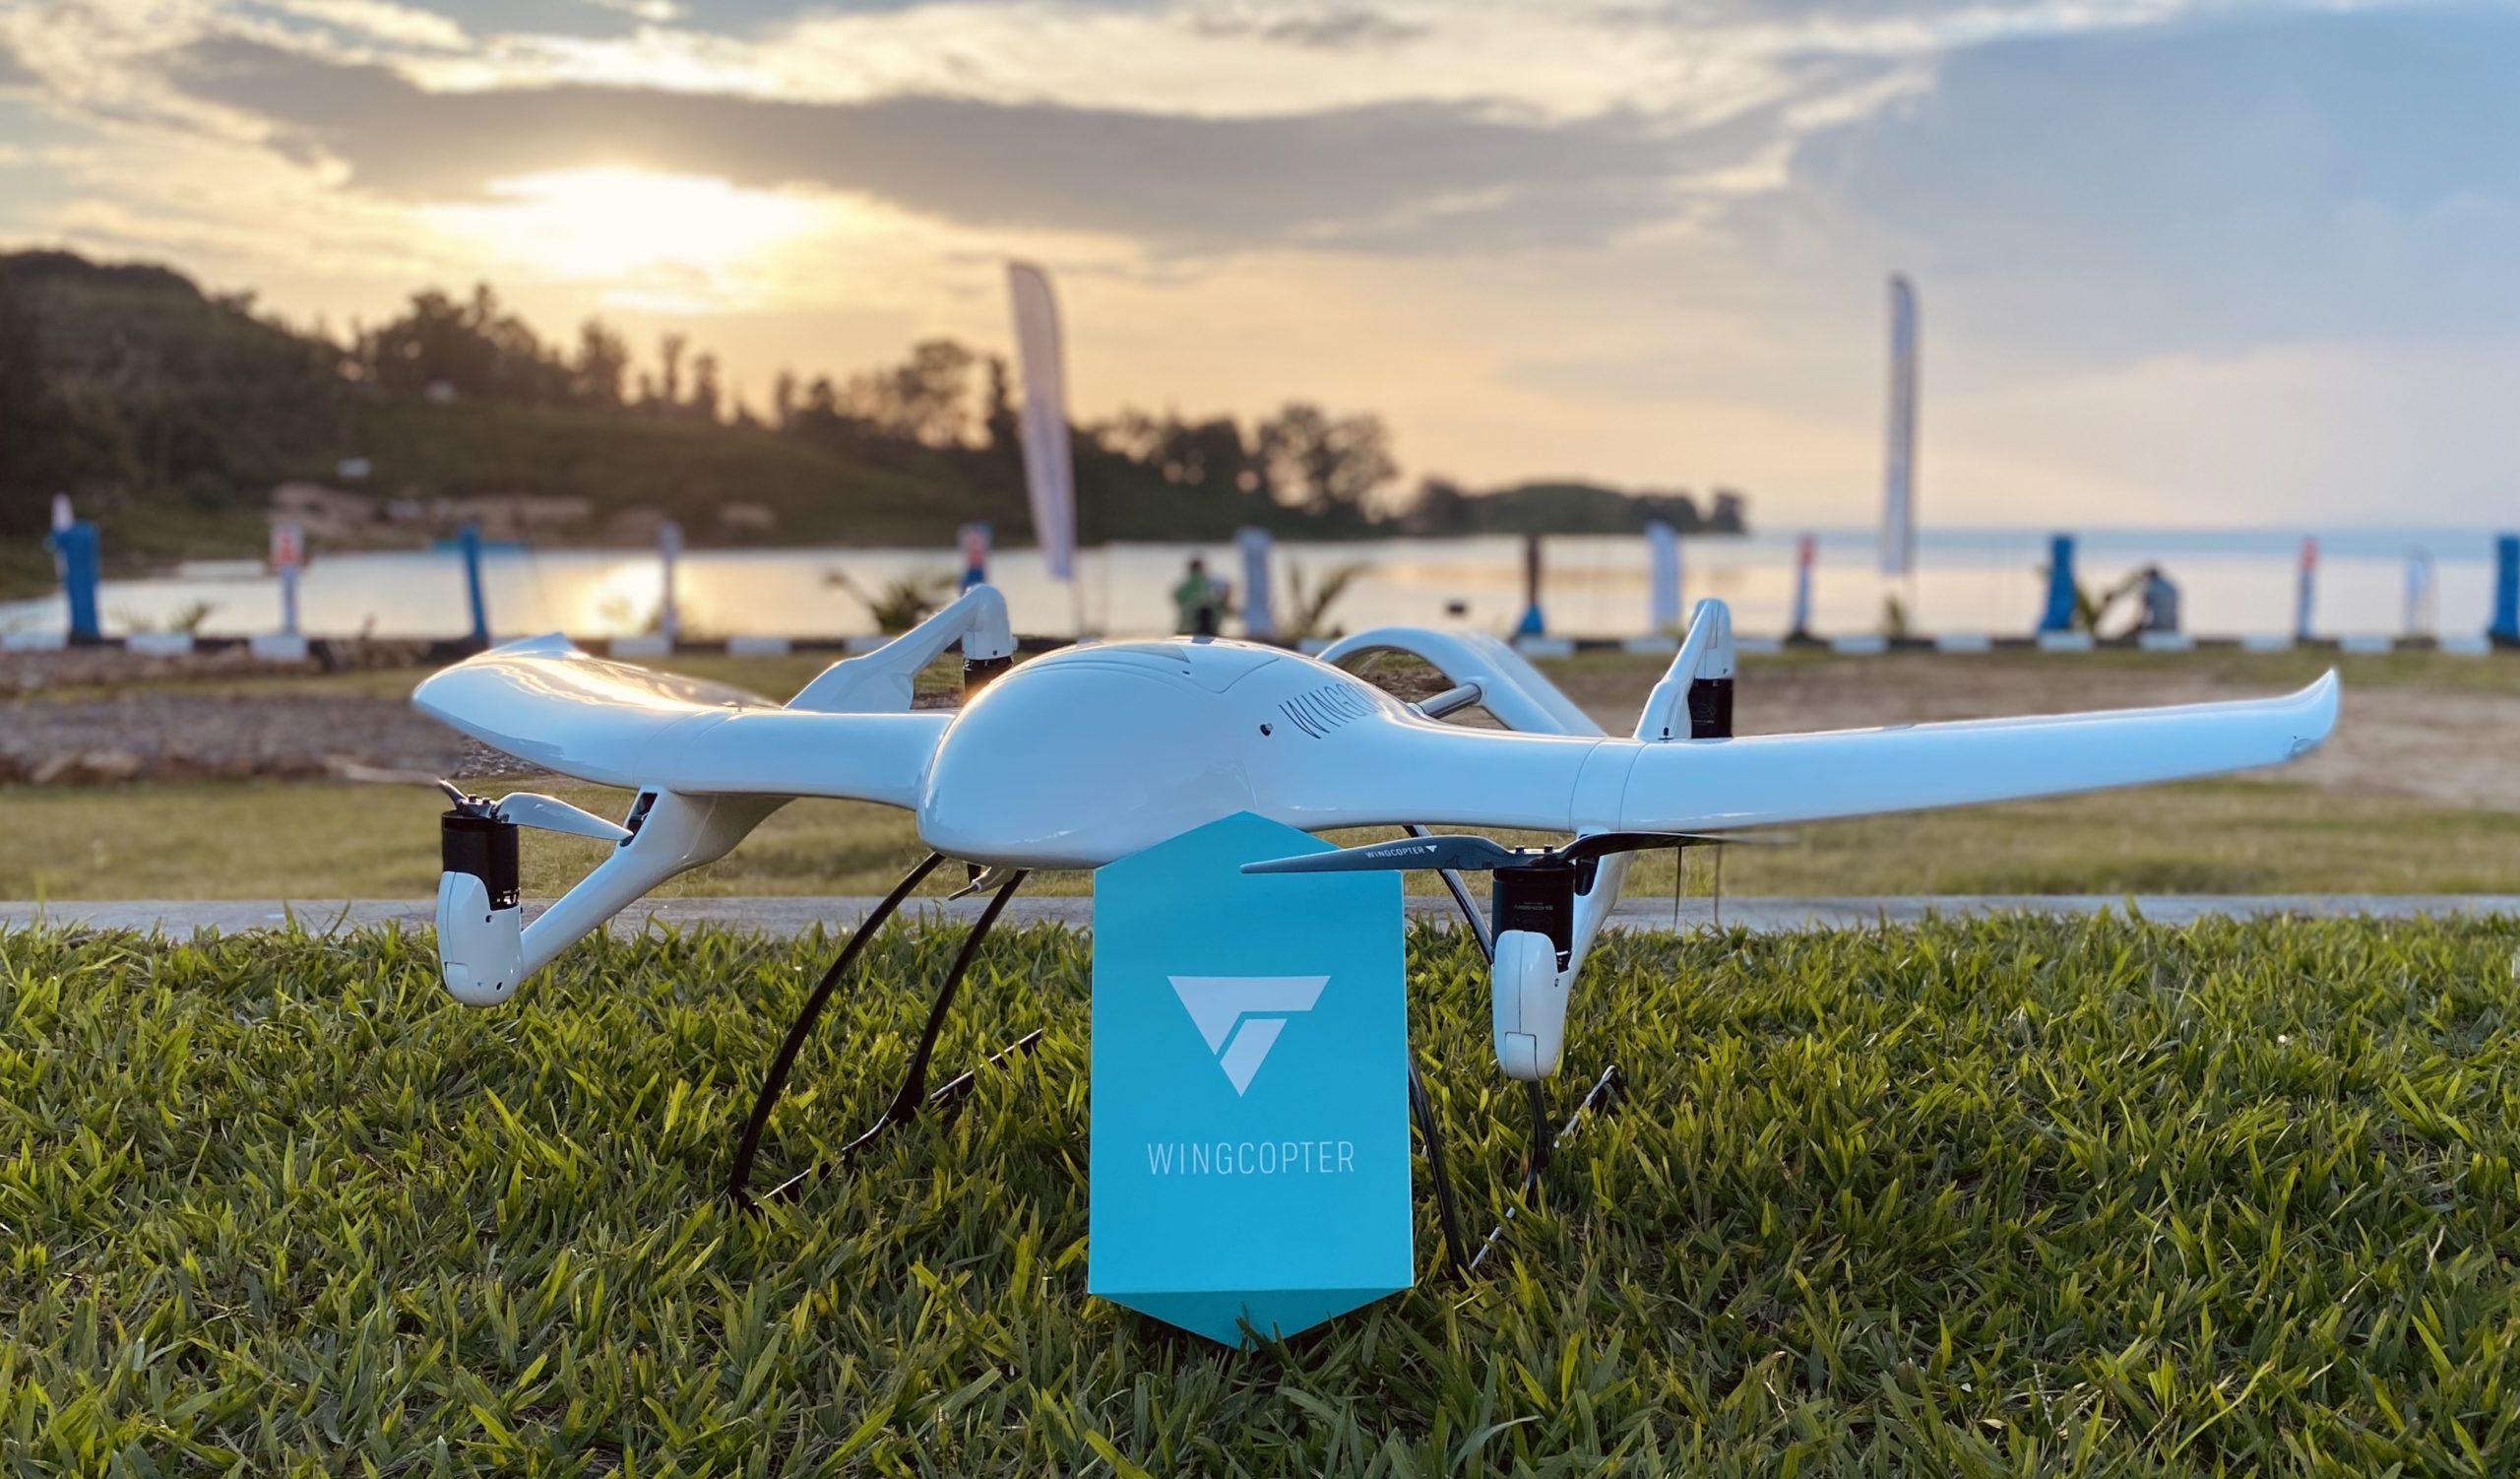 Drohnen können Waren an schwer erreichbare Orte liefern, so etwa in Krisensituationen. Credit: Wingcopter